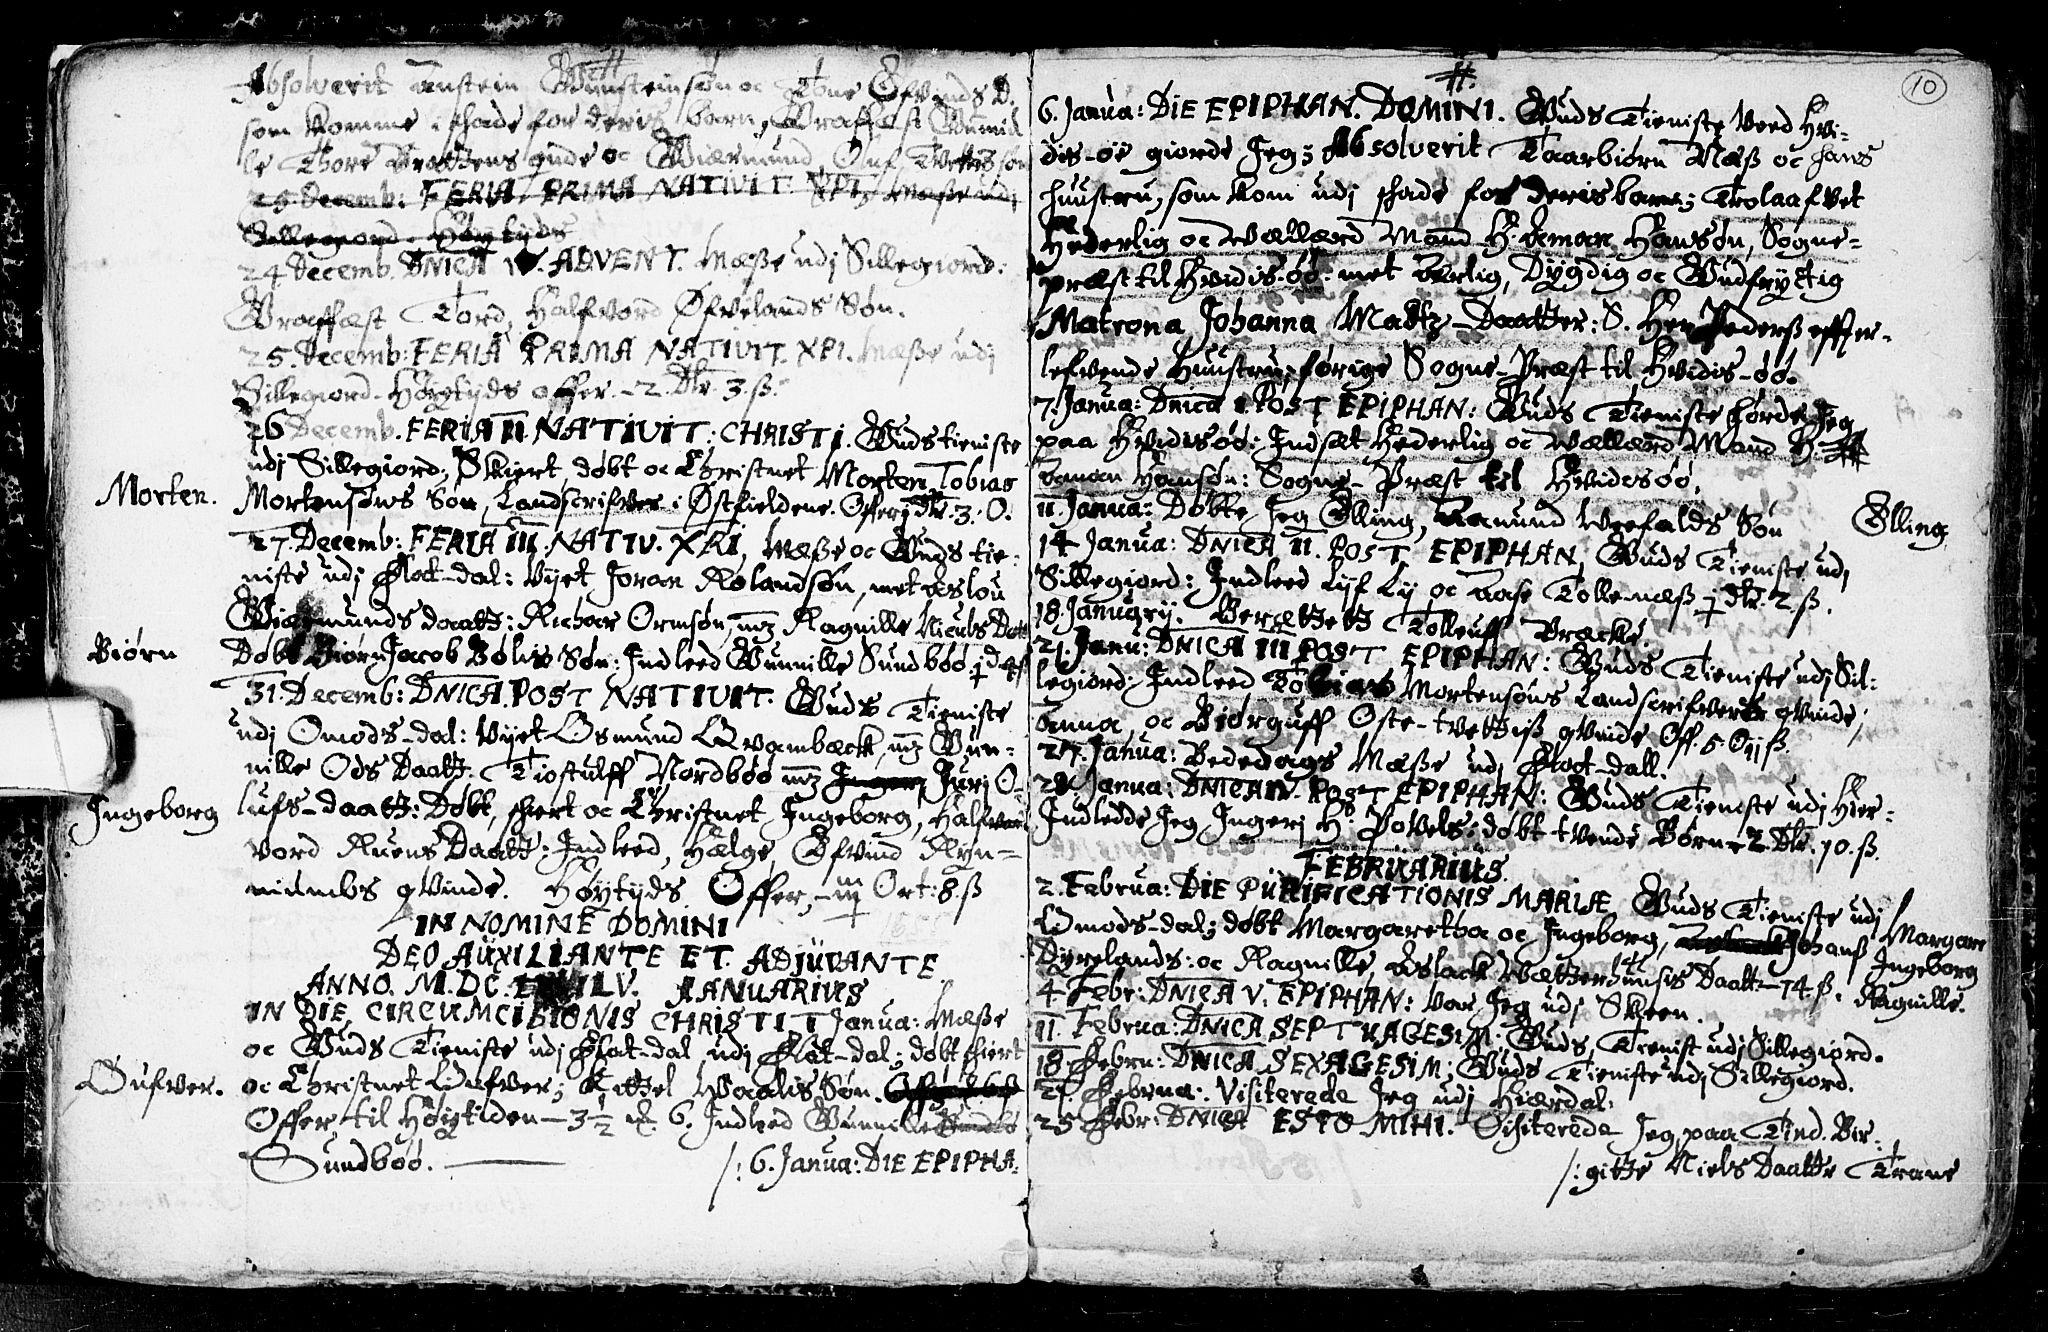 SAKO, Seljord kirkebøker, F/Fa/L0001: Ministerialbok nr. I 1, 1654-1686, s. 10